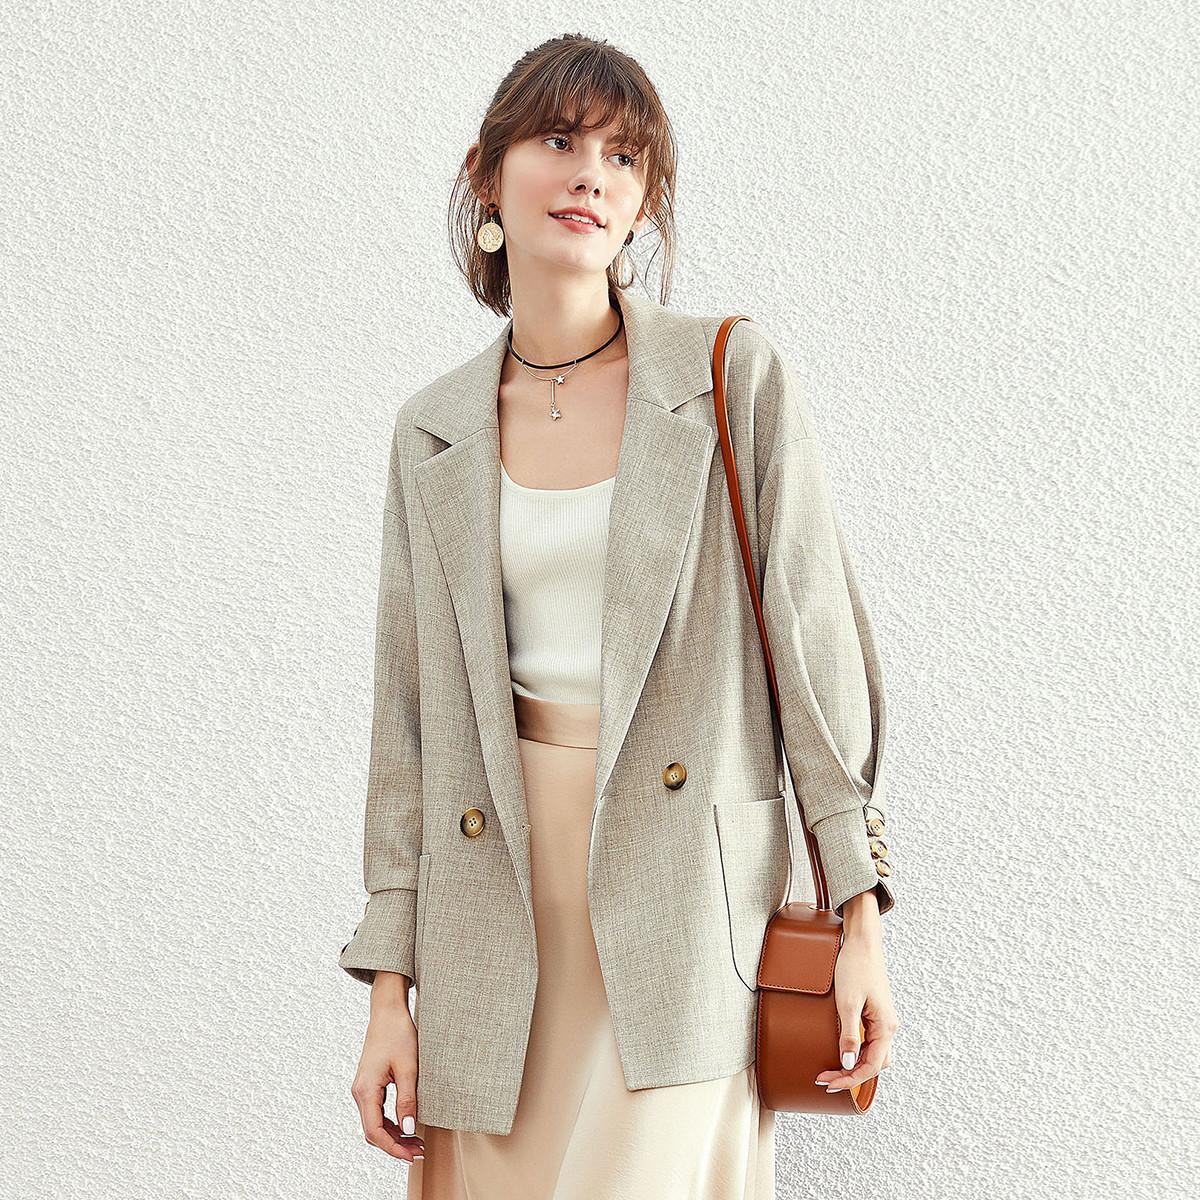 洞察女性时尚真相戈蔓婷品牌女装为更多人带来美丽奇迹